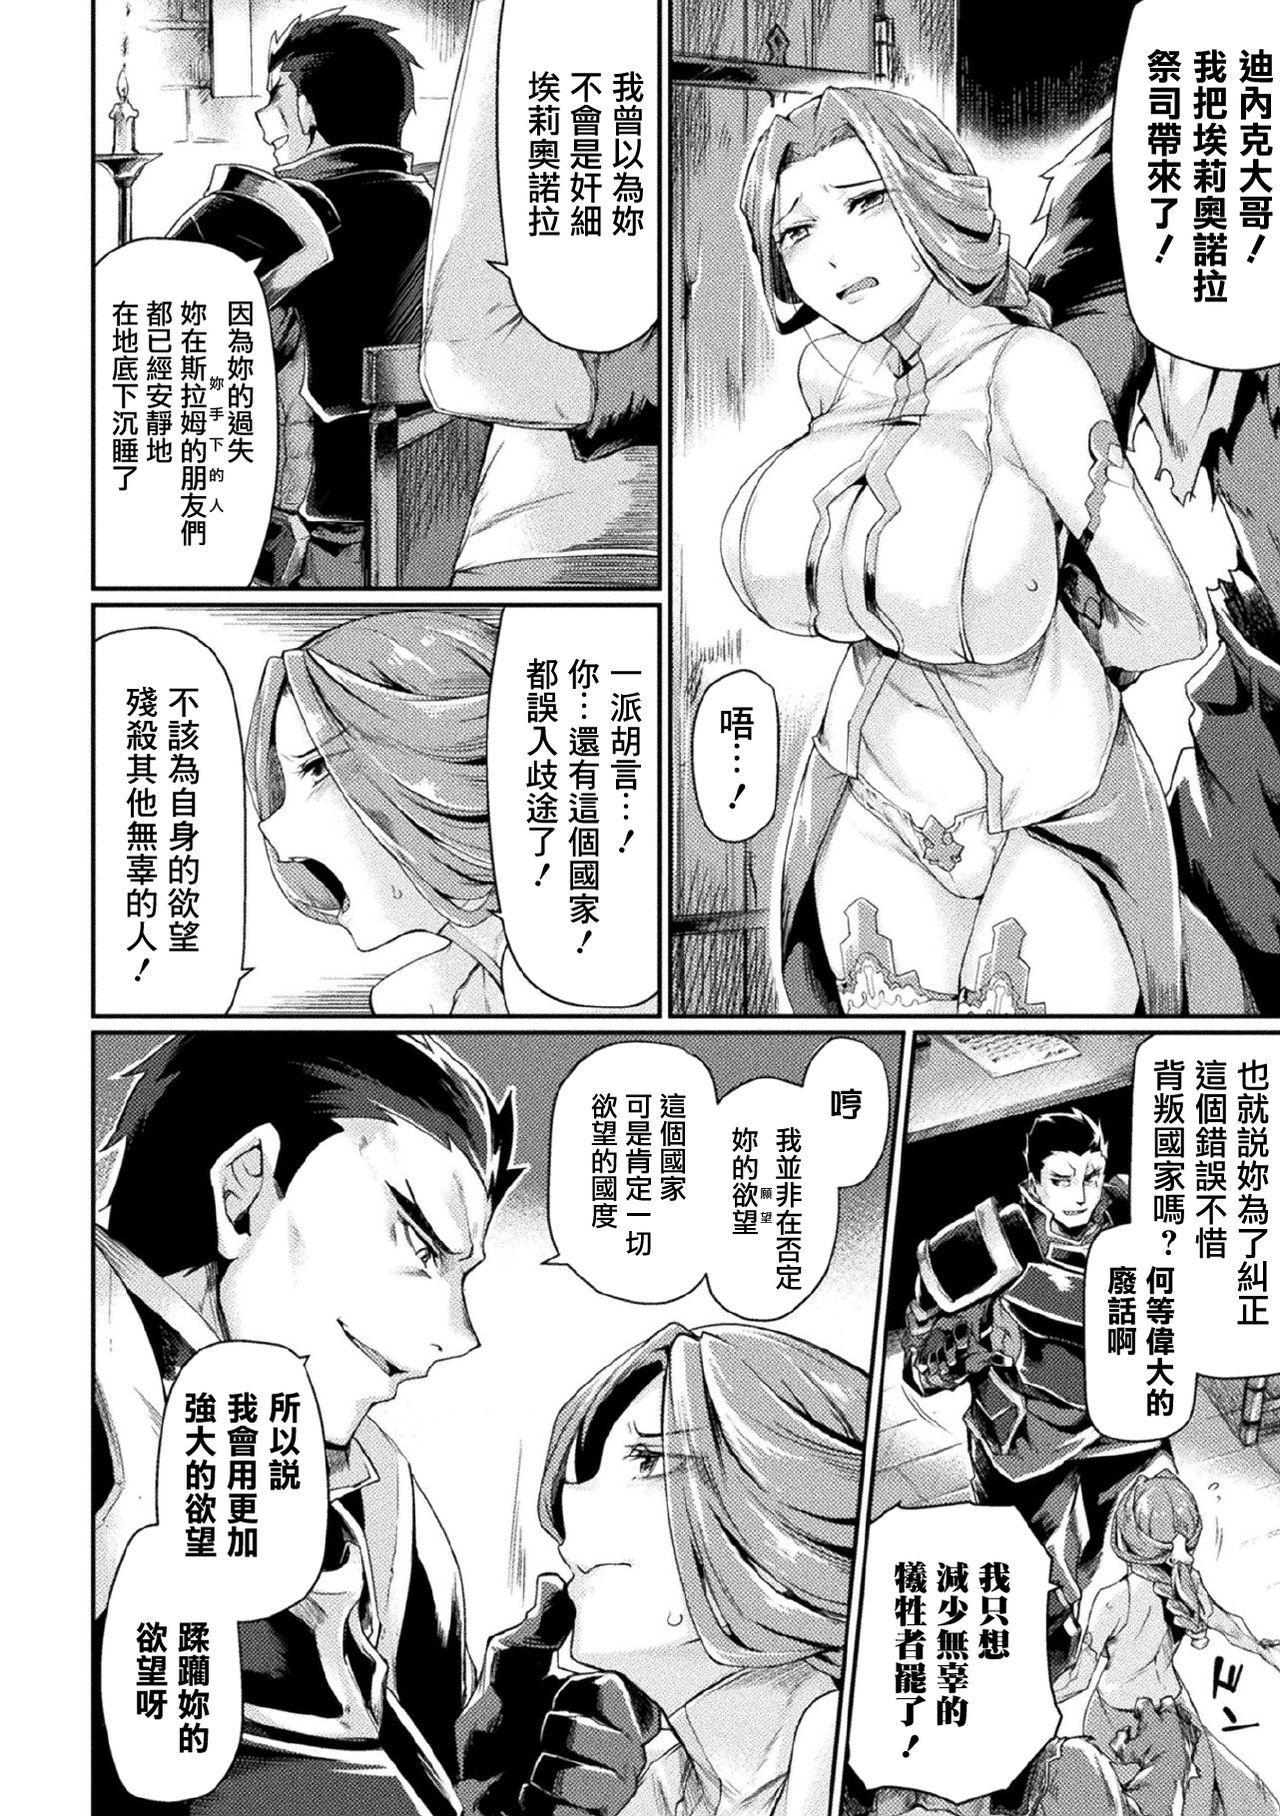 [Tsukitokage] Kuroinu II ~Inyoku ni Somaru Haitoku no Miyako, Futatabi~ THE COMIC Ch. 2 (Haiboku Otome Ecstasy Vol. 21) [Chinese] [鬼畜王漢化組] [Digital] 2